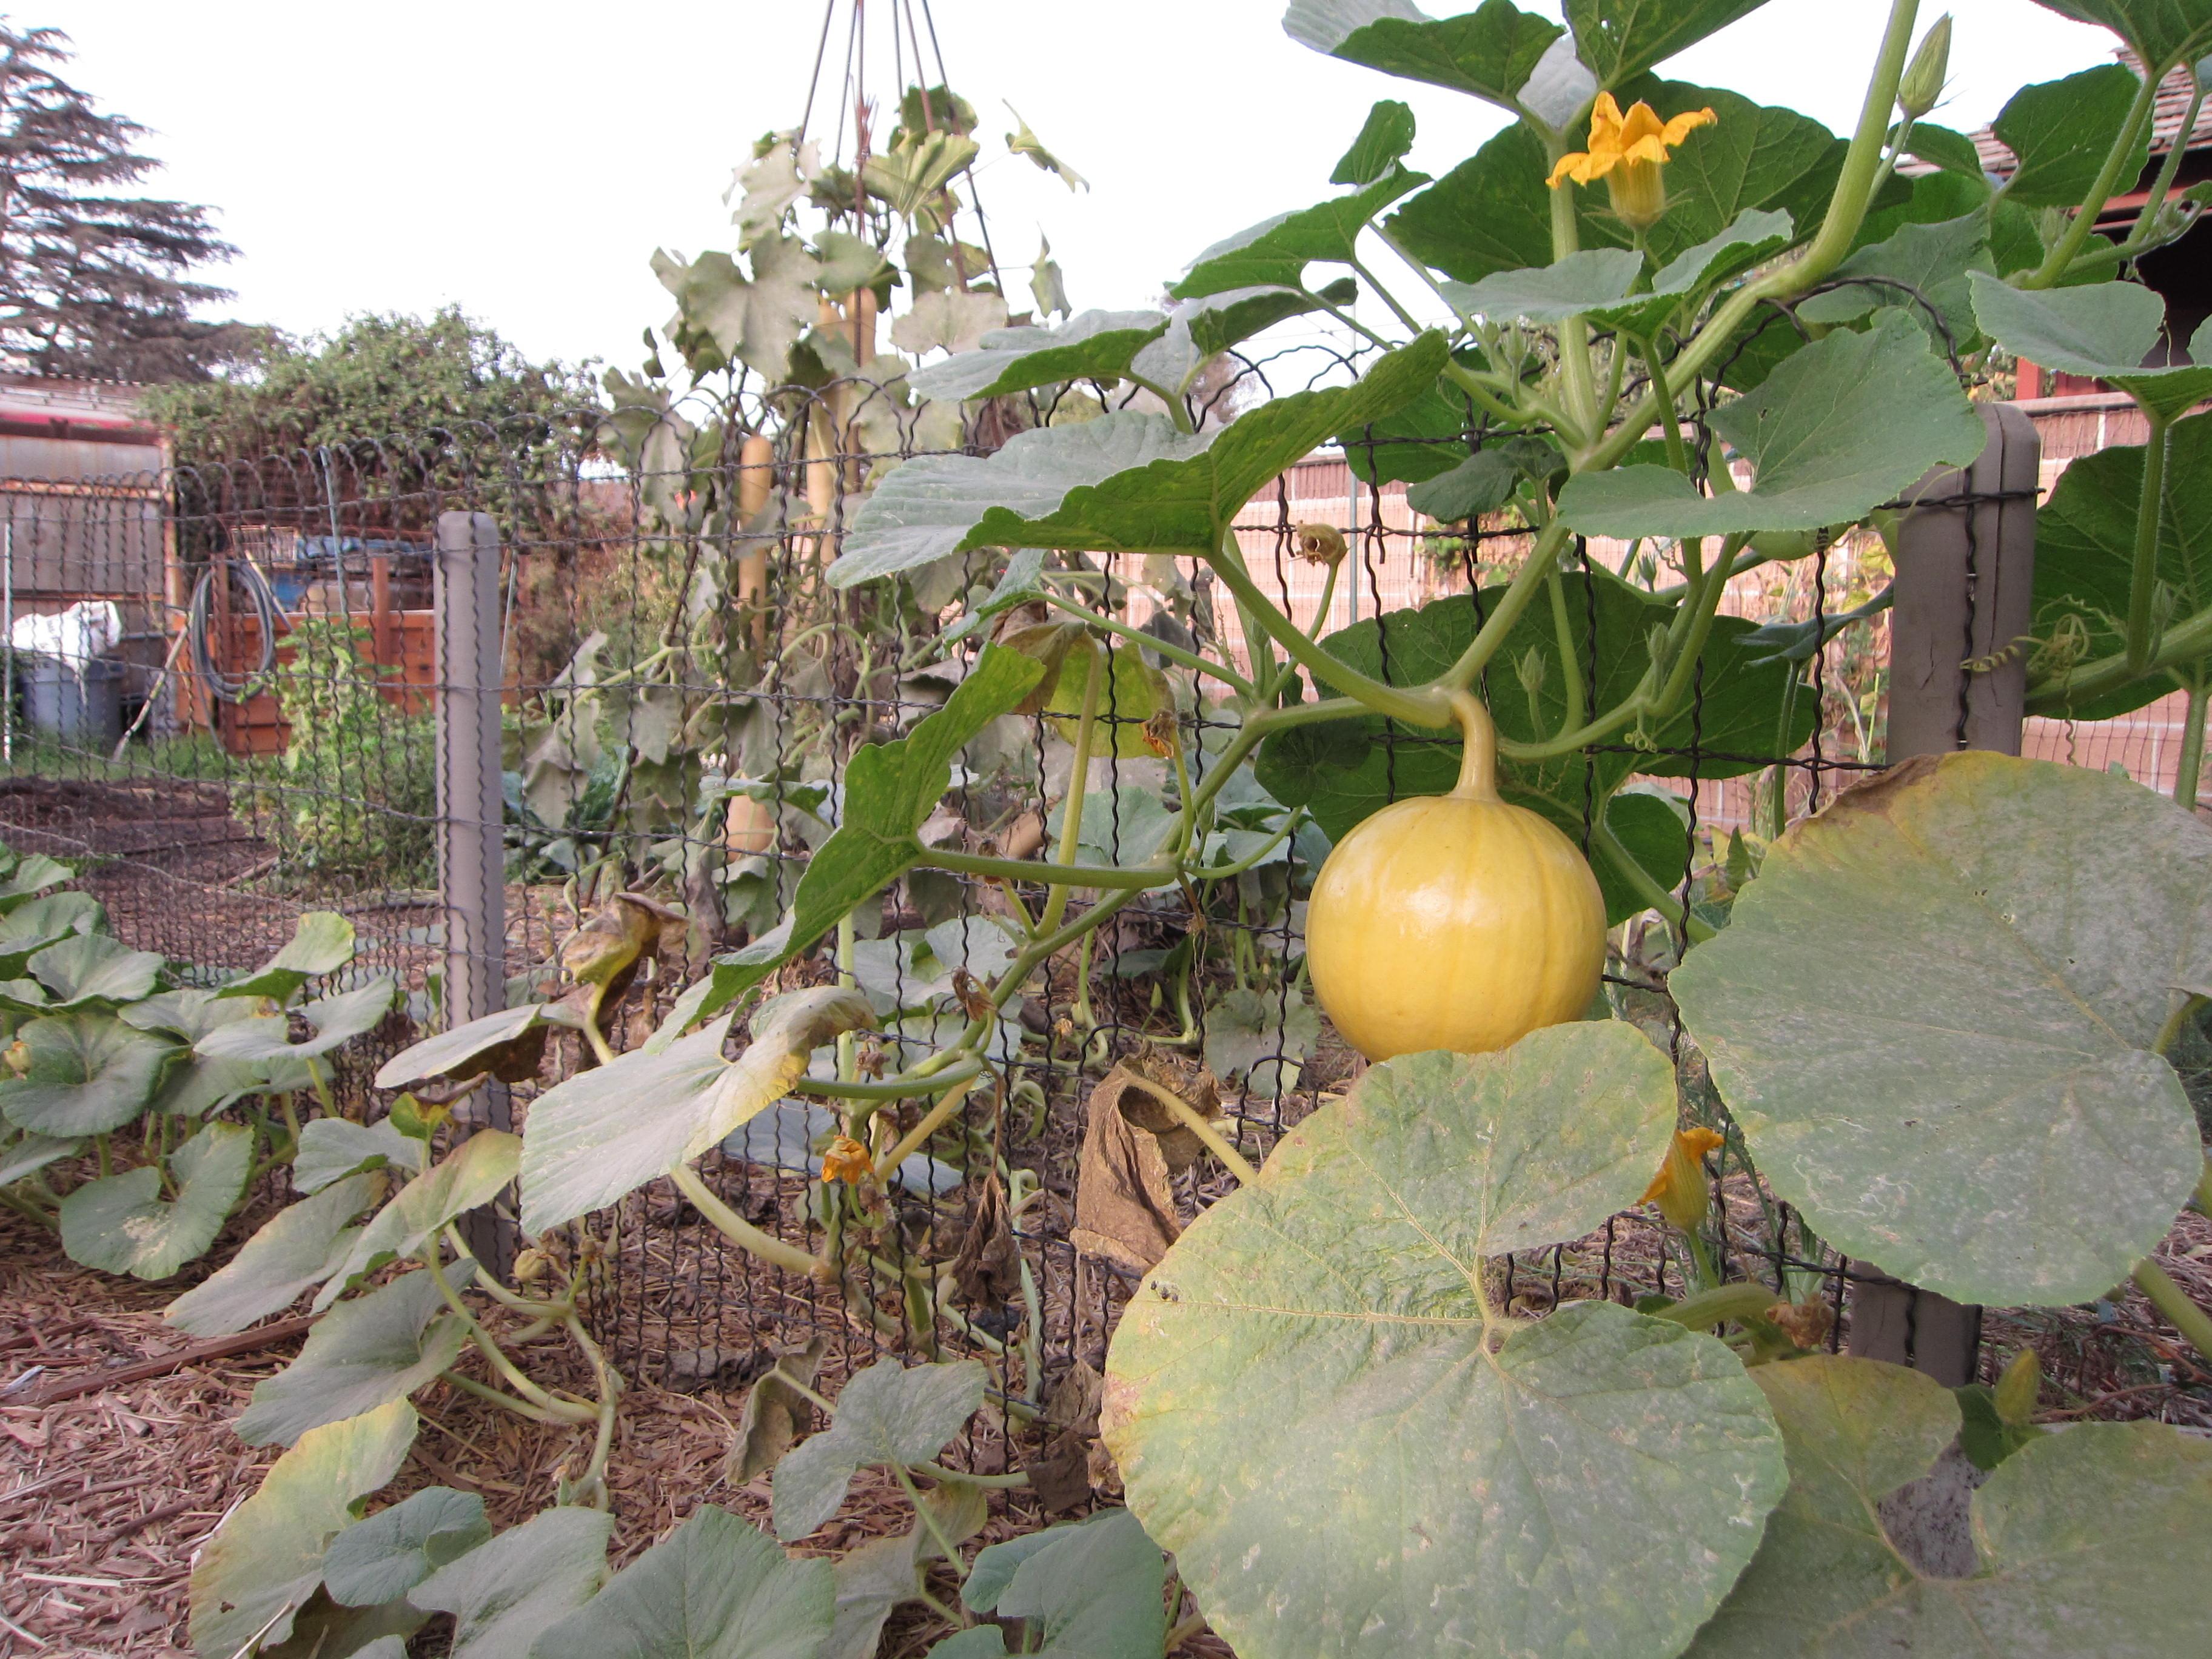 Pumpkins climb the garden fence.